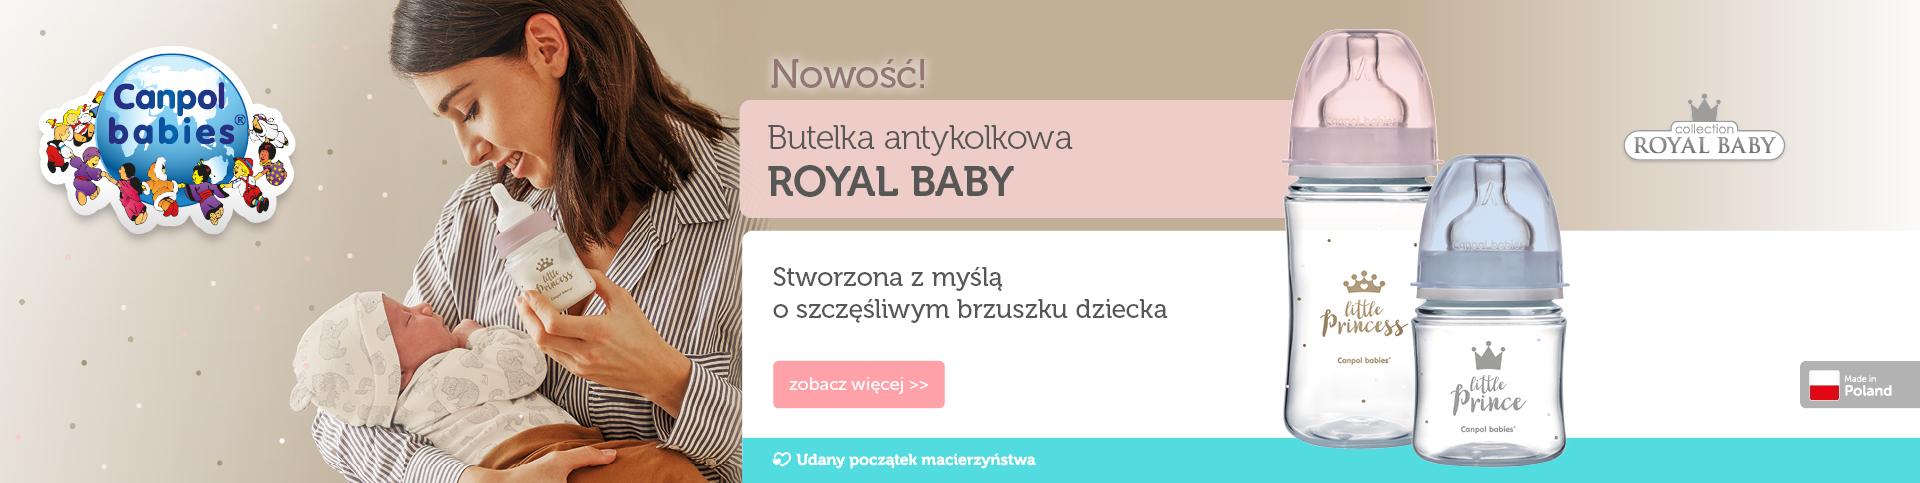 Nowość Canpol Babies - butelka antykolkowa Royal Baby